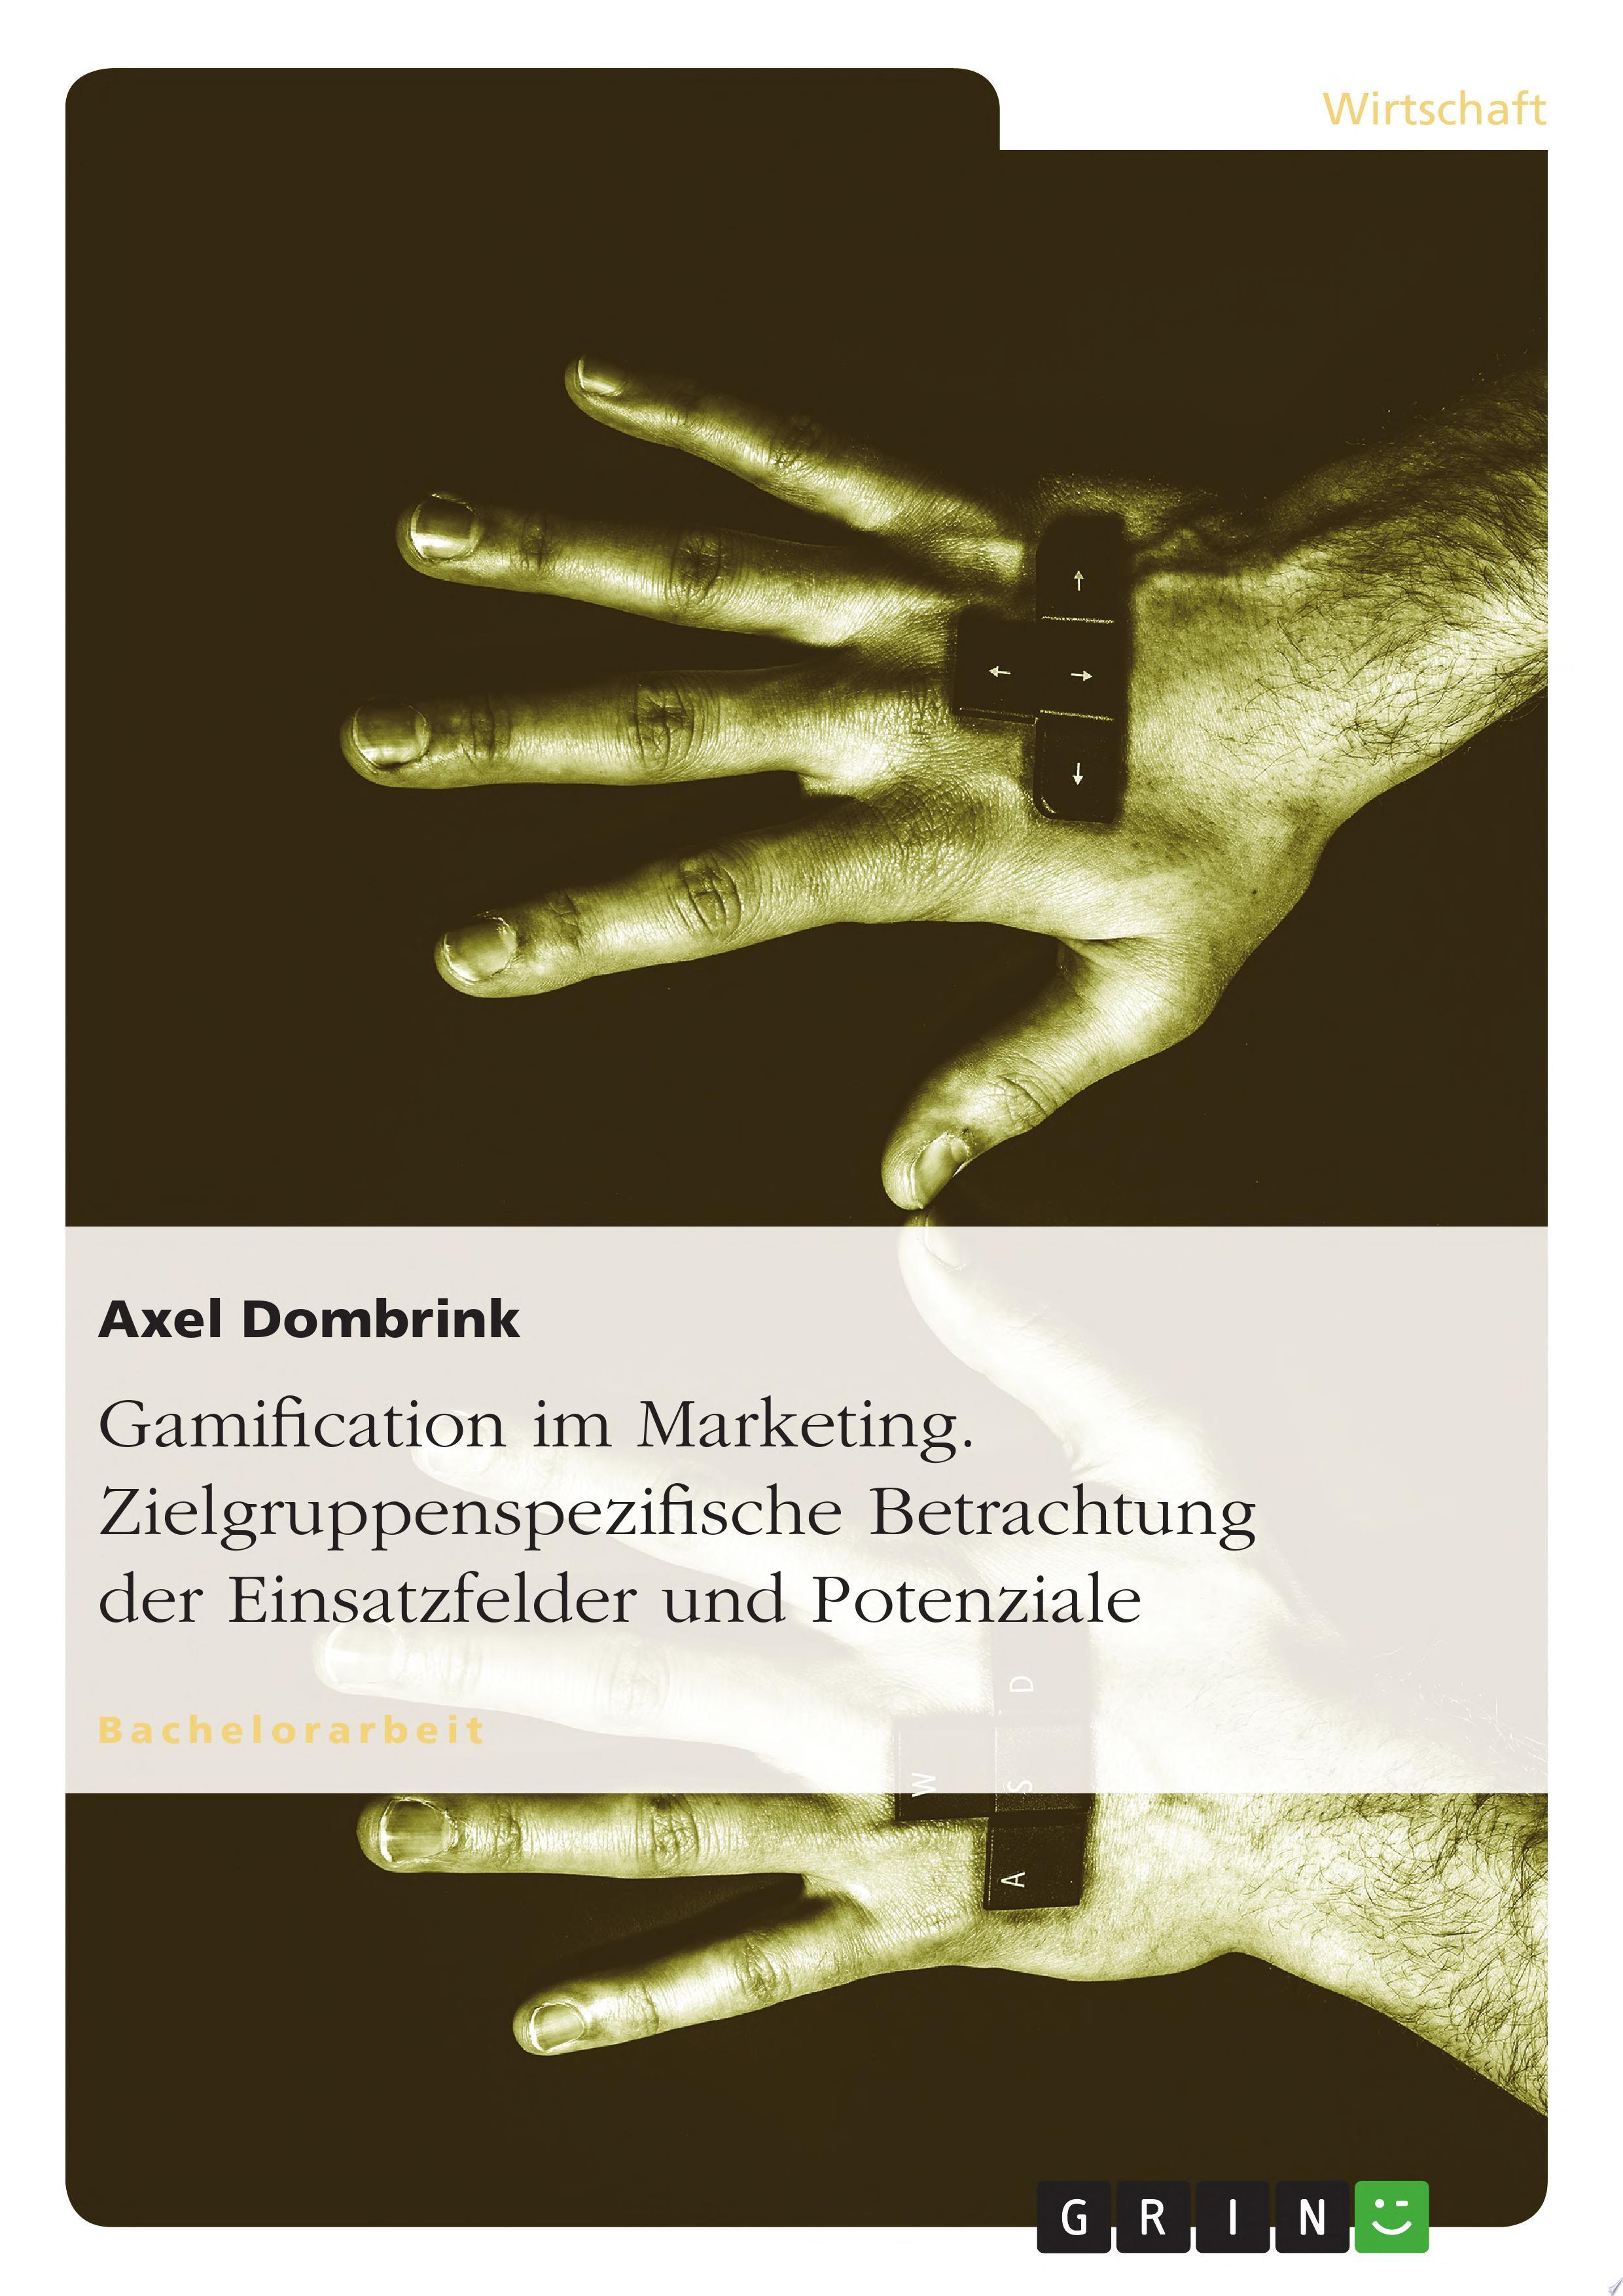 Gamification im Marketing  Zielgruppenspezifische Betrachtung der Einsatzfelder und Potenziale